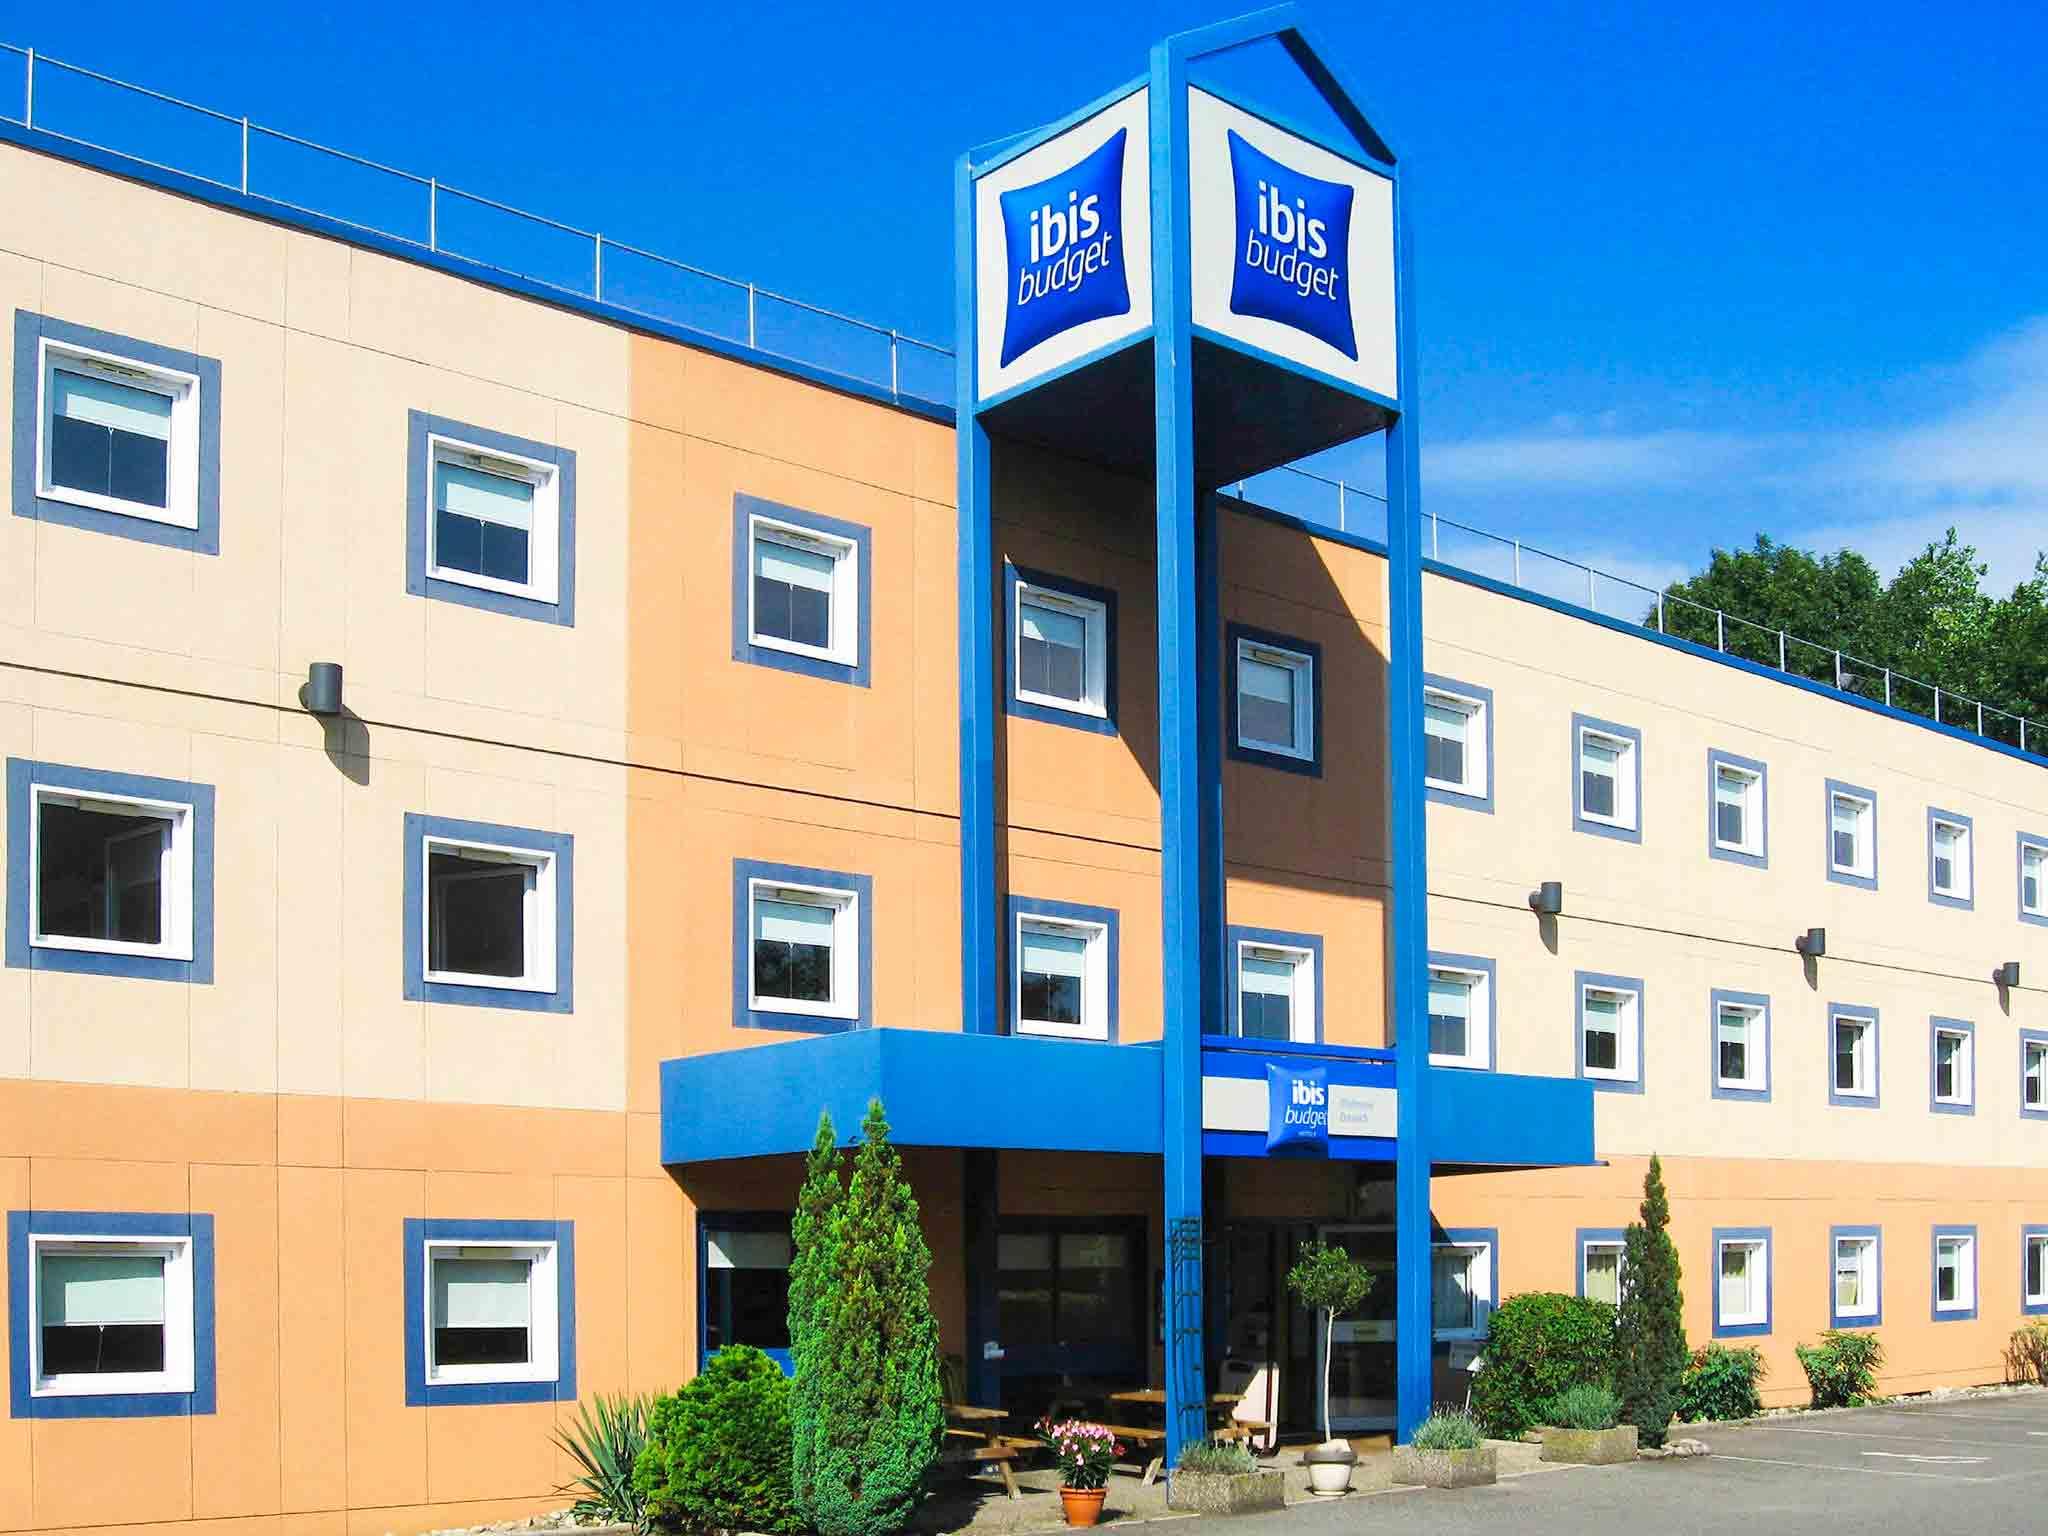 ホテル – イビスバジェットミュルーズドルナッハ